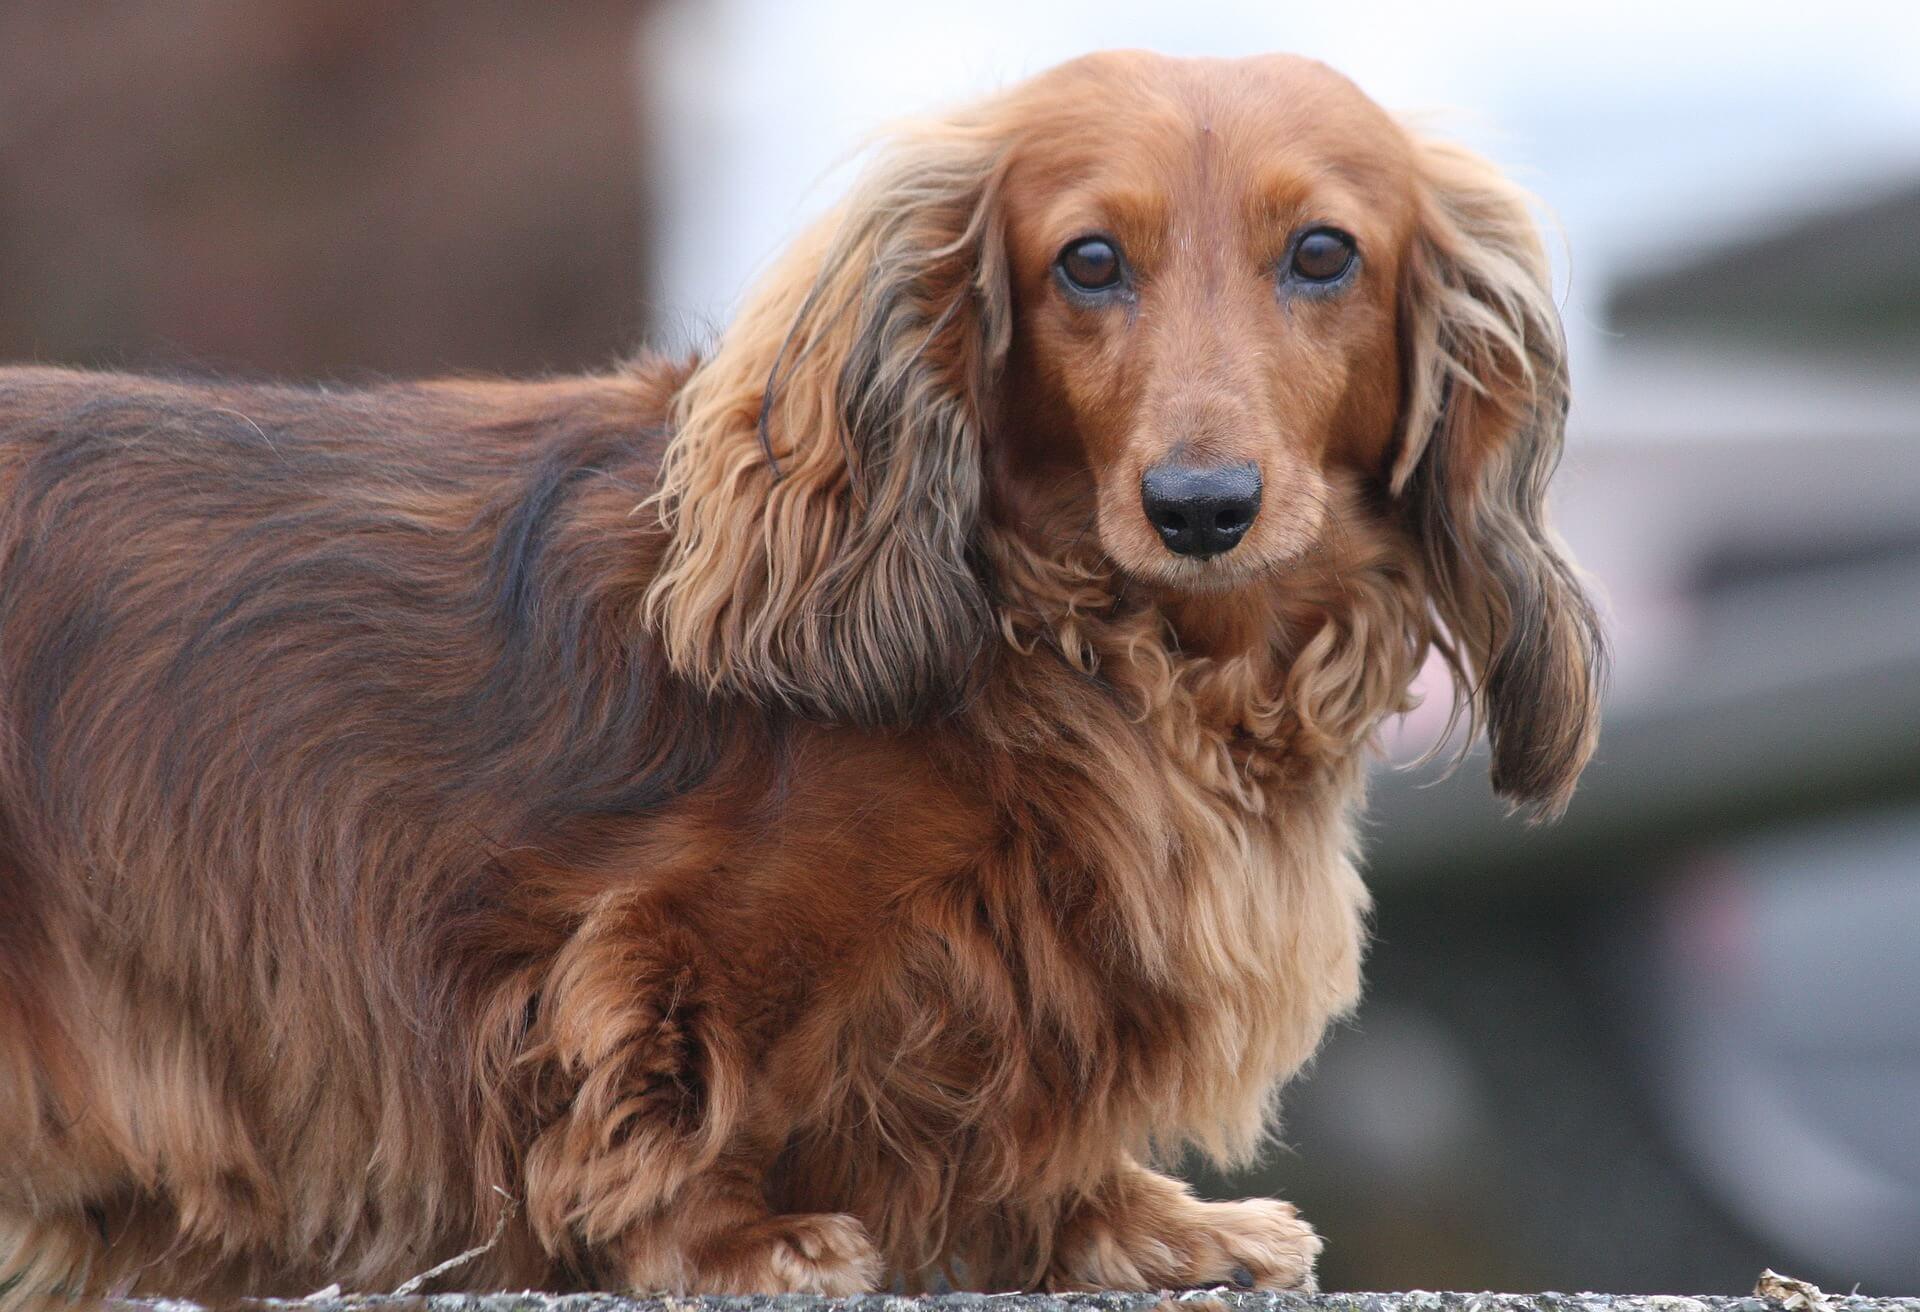 針對長毛犬可以選擇蛋白質、脂肪等營養素較豐富的飼料